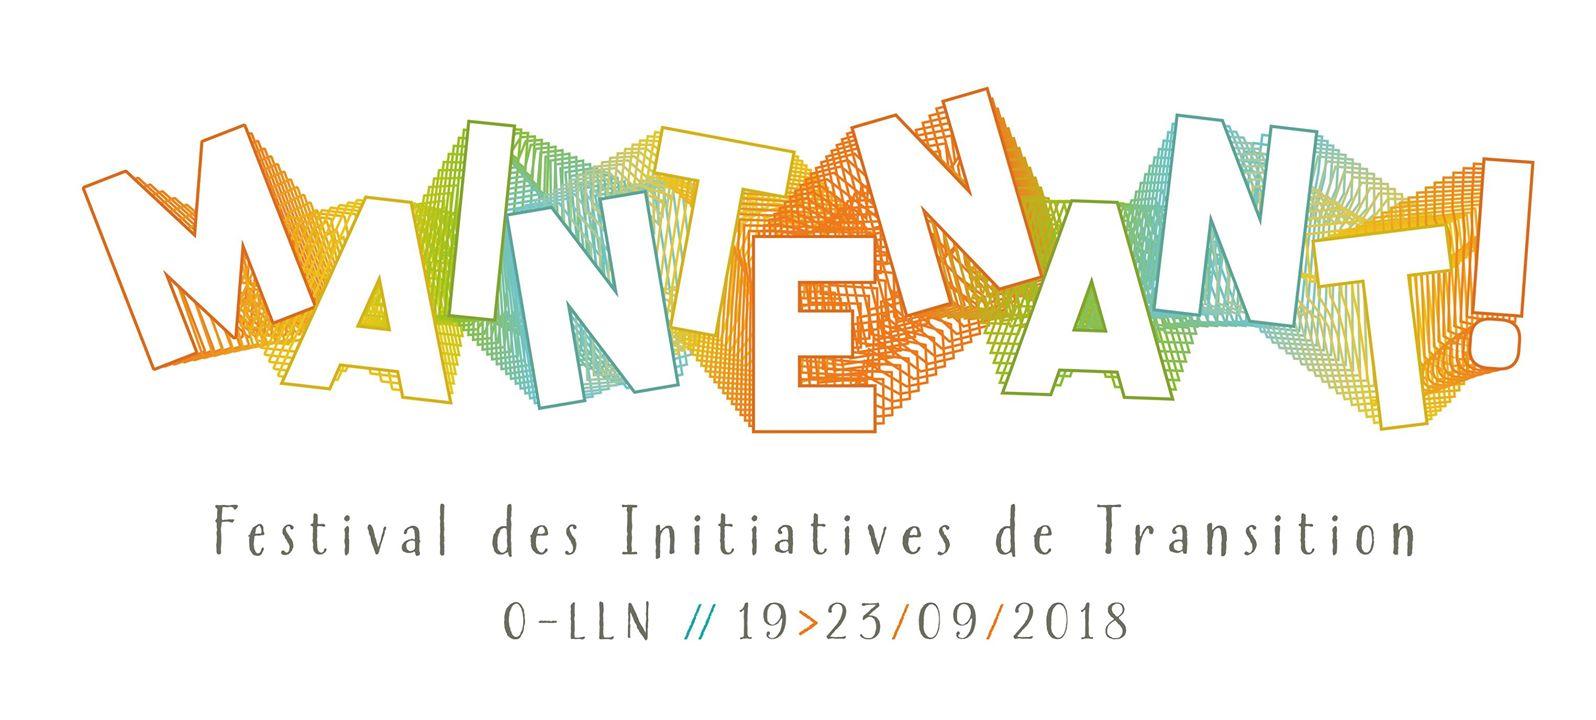 FESTIVAL MAINTENANT EDITION 2019, C'EST PARTI ! (+vidéo)